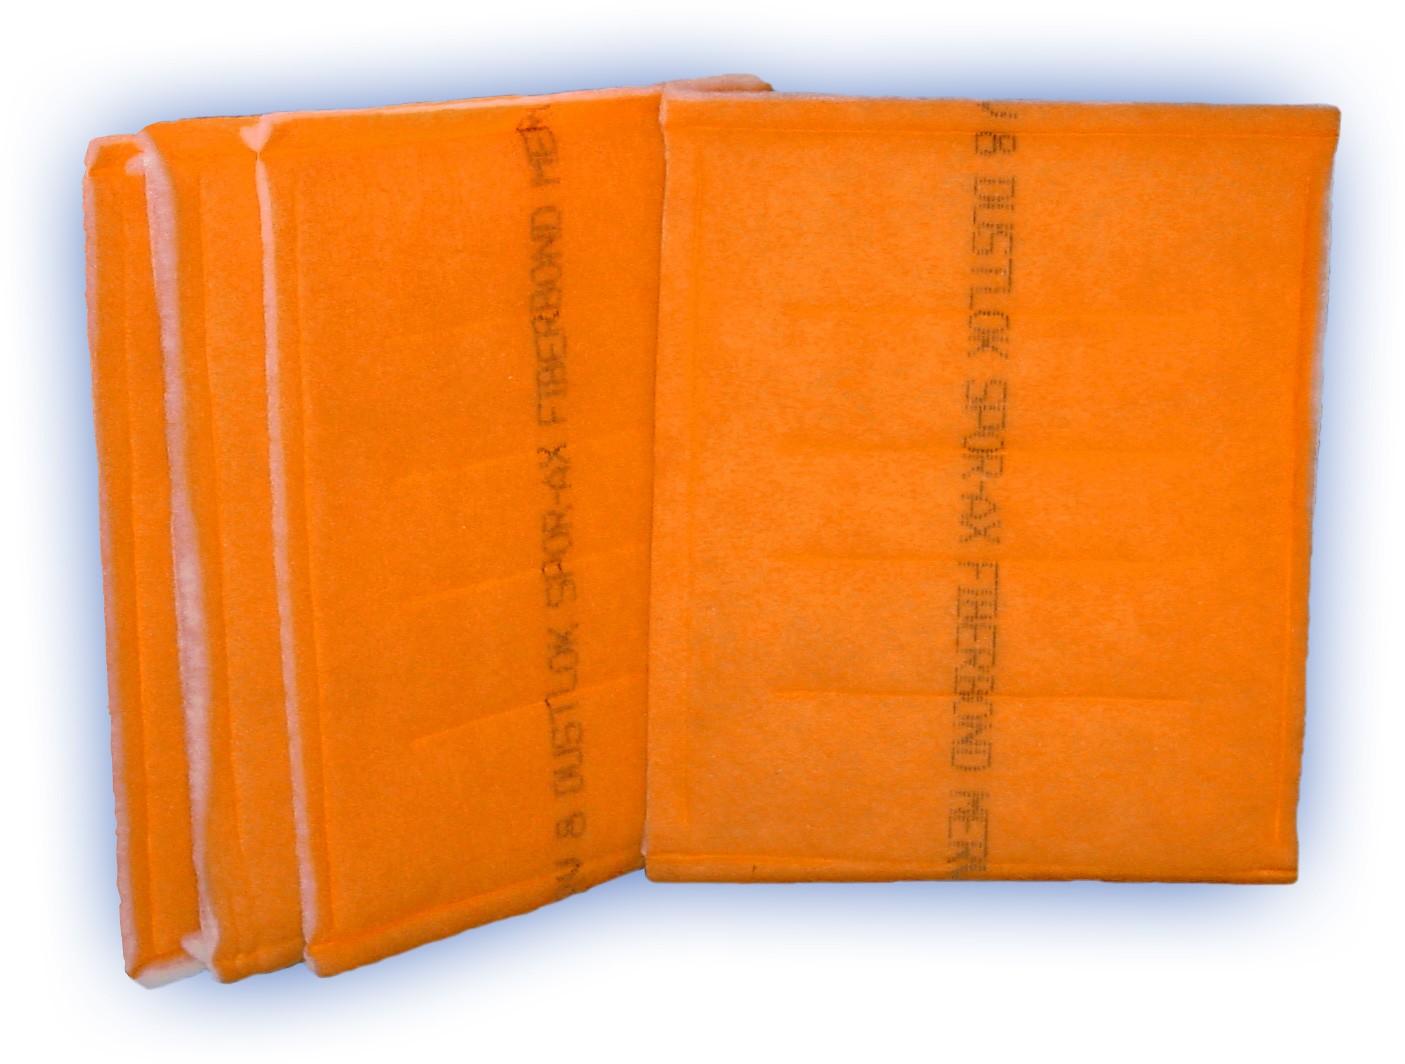 12 x 24 - DustLok 3-ply Panel Filter - MERV 9 (4-Pack)